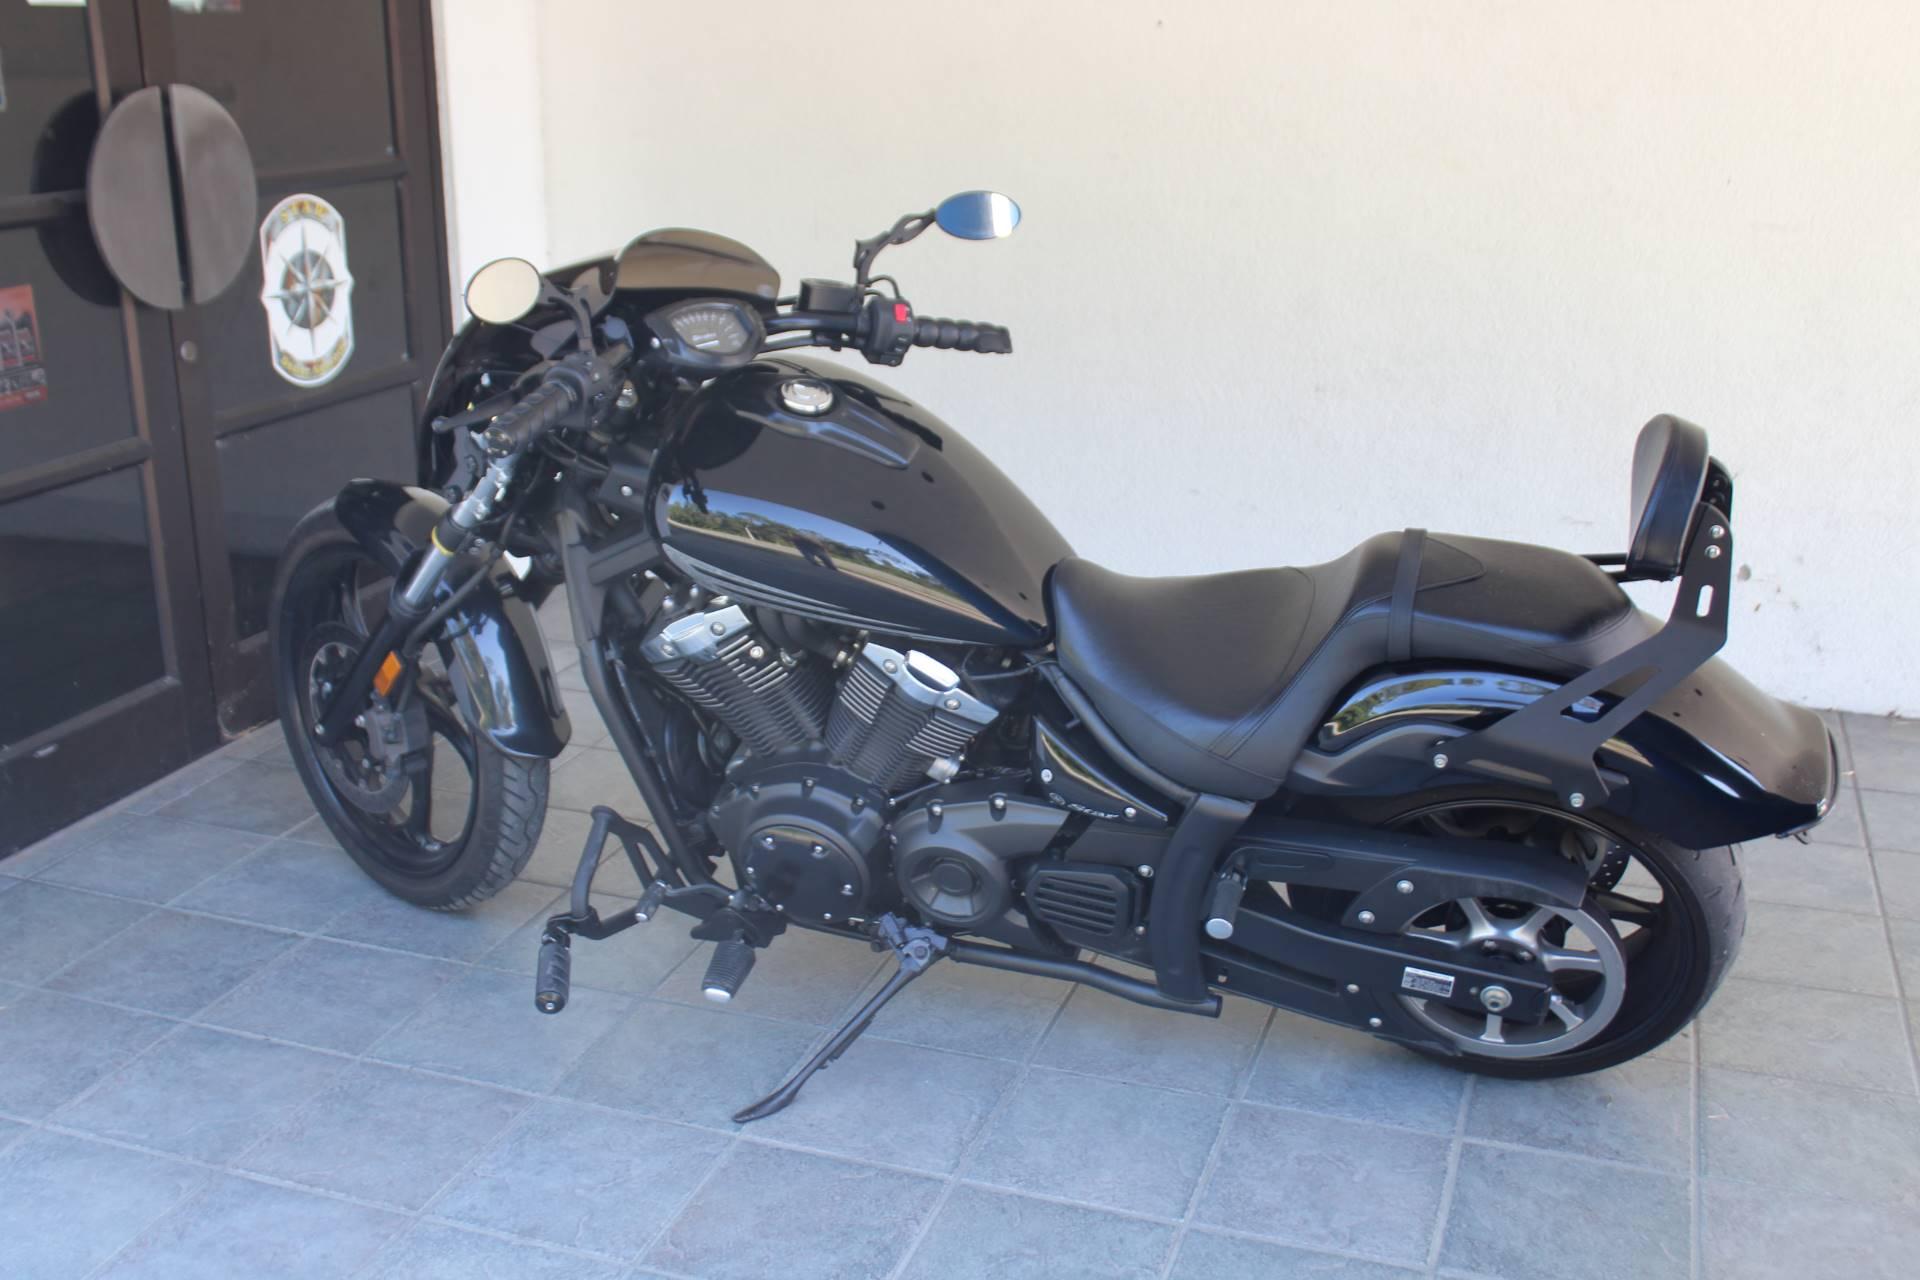 2011 Yamaha Stryker 1